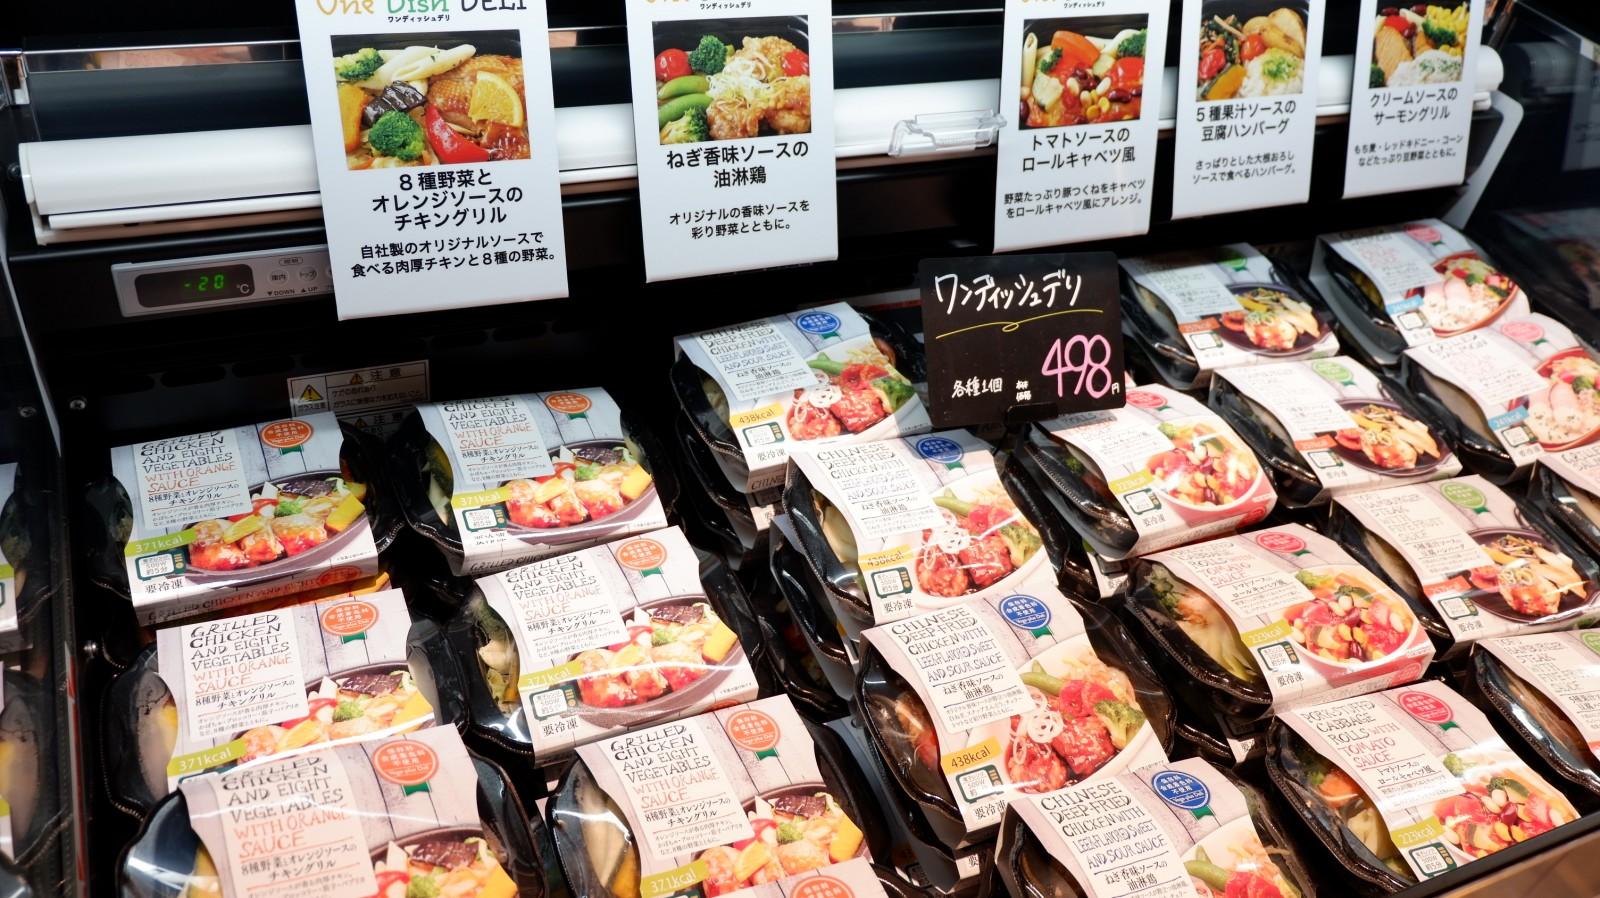 惣菜売場に冷凍食品コーナー! 阪急デリカアイの『ワンディッシュデリ』 メインディッシュが498円!